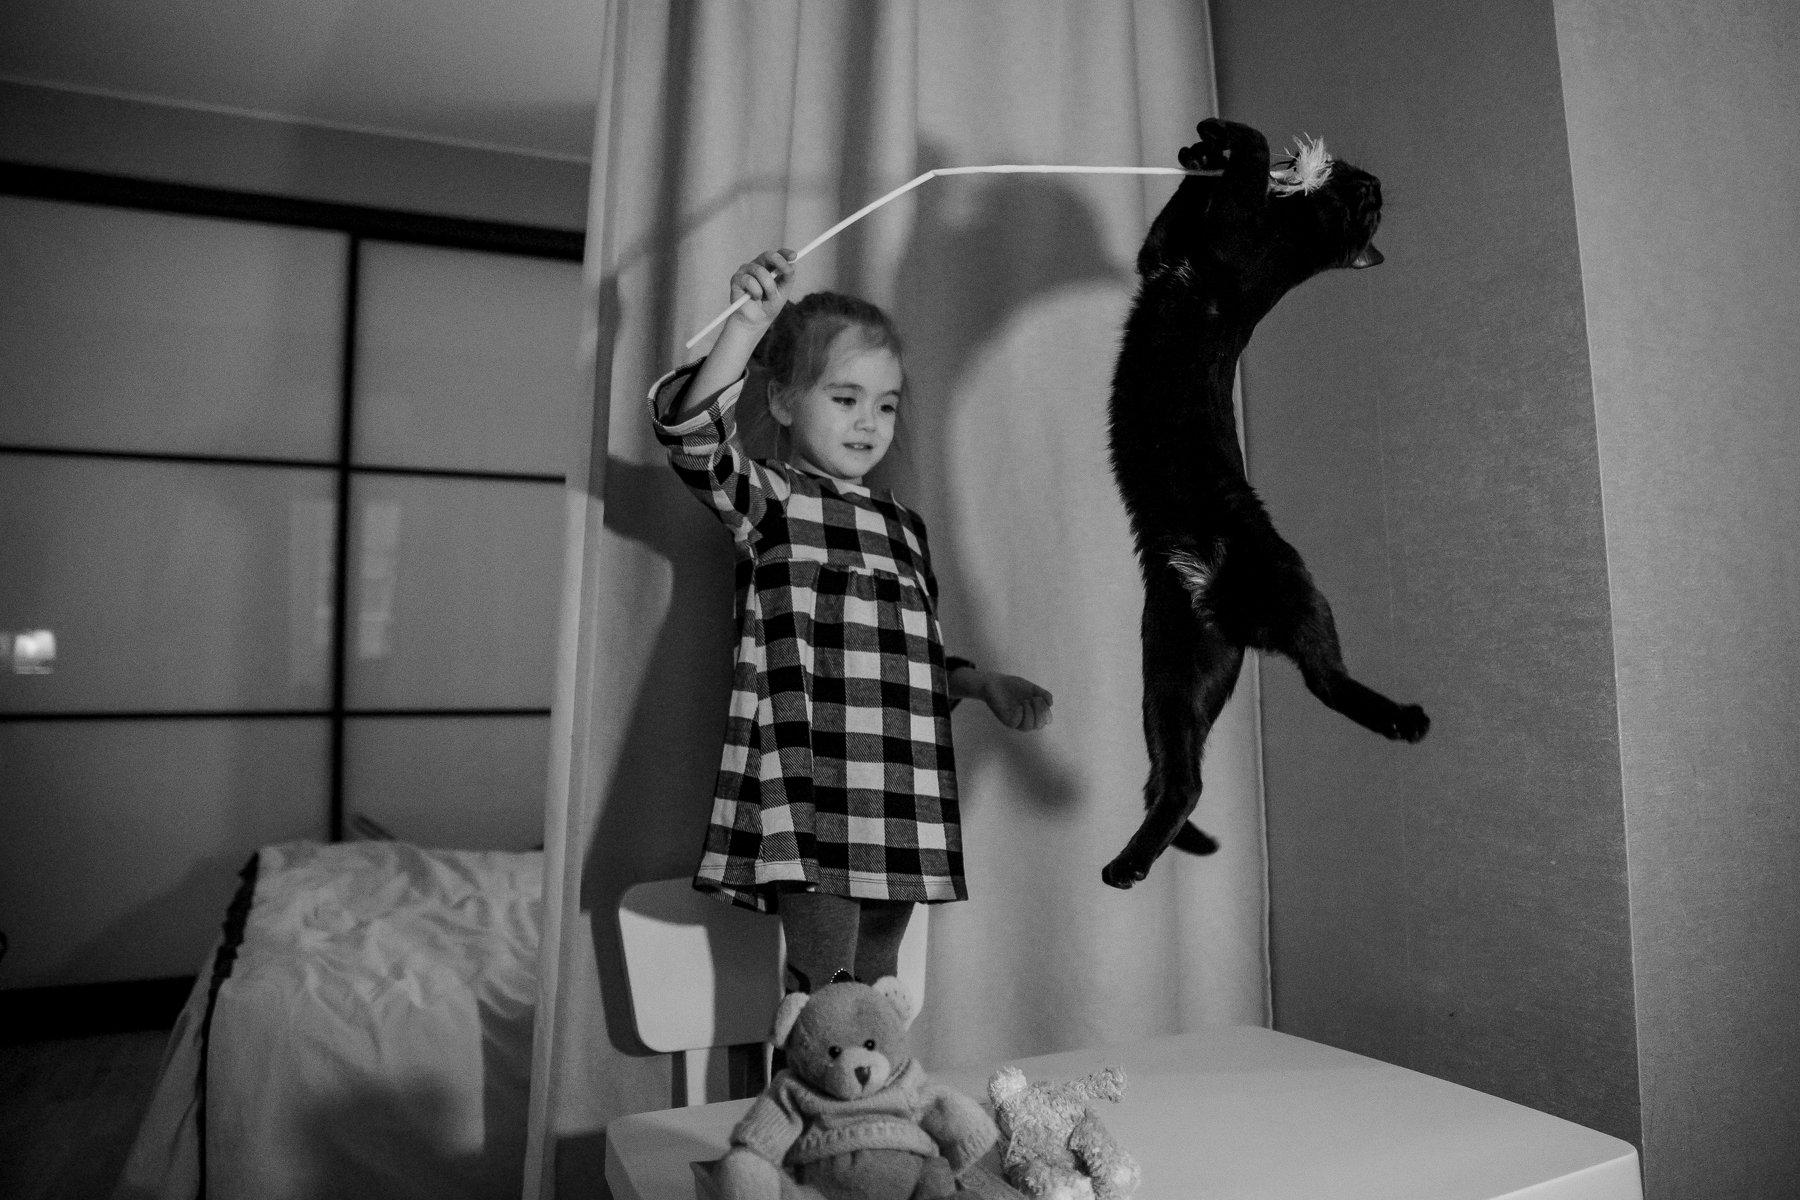 фотовтемноте непрокачество семейныйдосуг детиизвери кошка игры детки дочка тордуа, Анастасия Тордуа